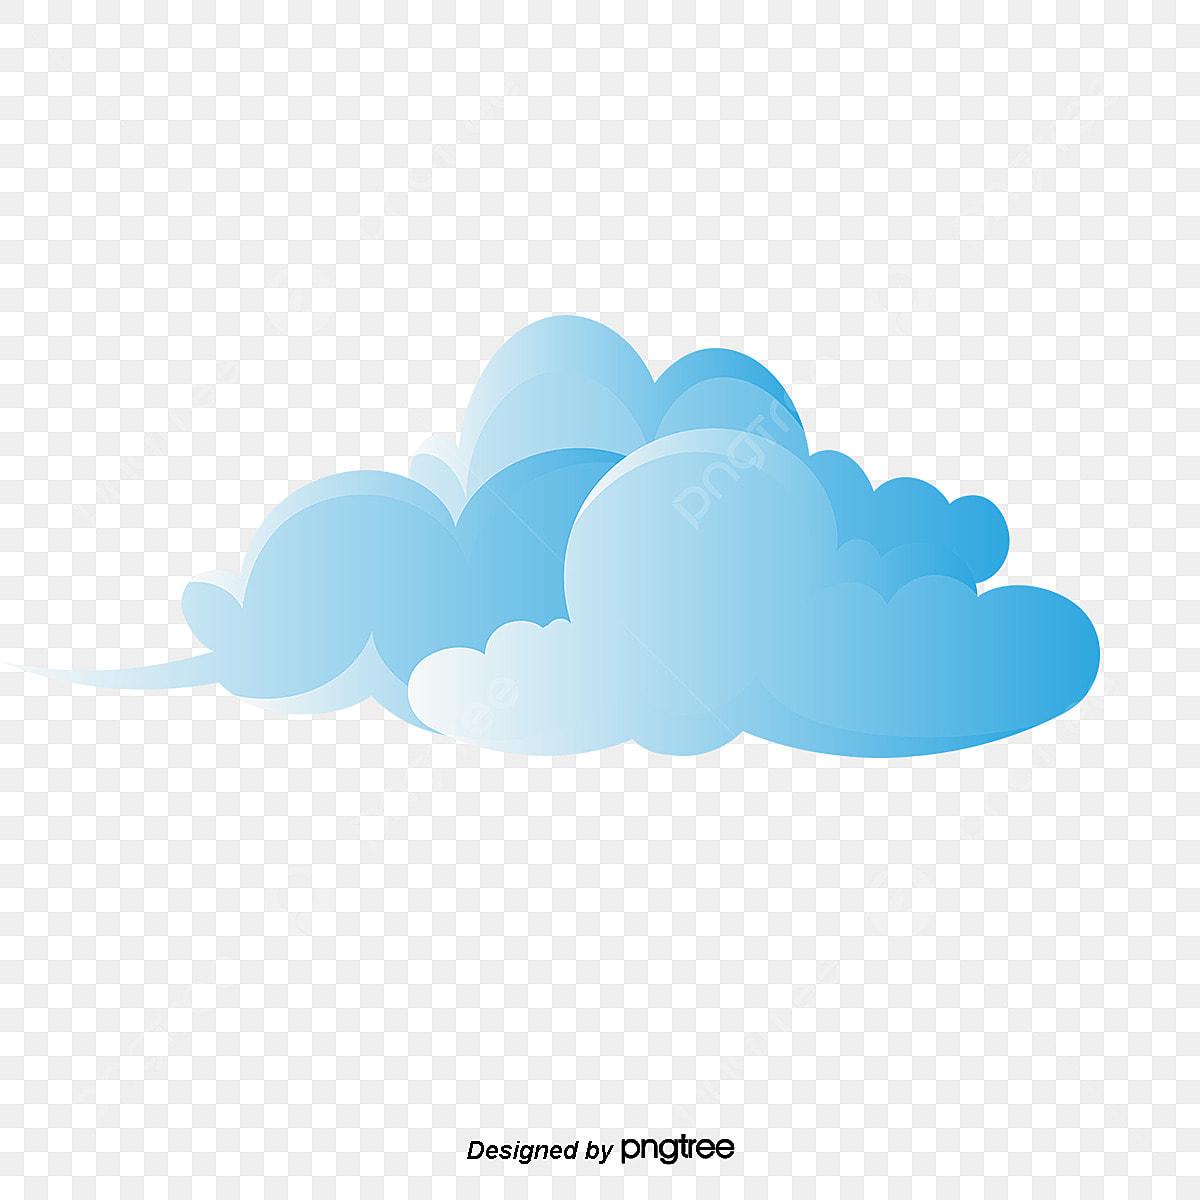 Material De Nuvem De Desenho Animado Xiangyun Blue Cloud Estéreo, Nuvem,  Desenho De Nuvem, Auspicioso Nuvem Nuvens Imagem PNG e Vetor Para Download  Gratuito